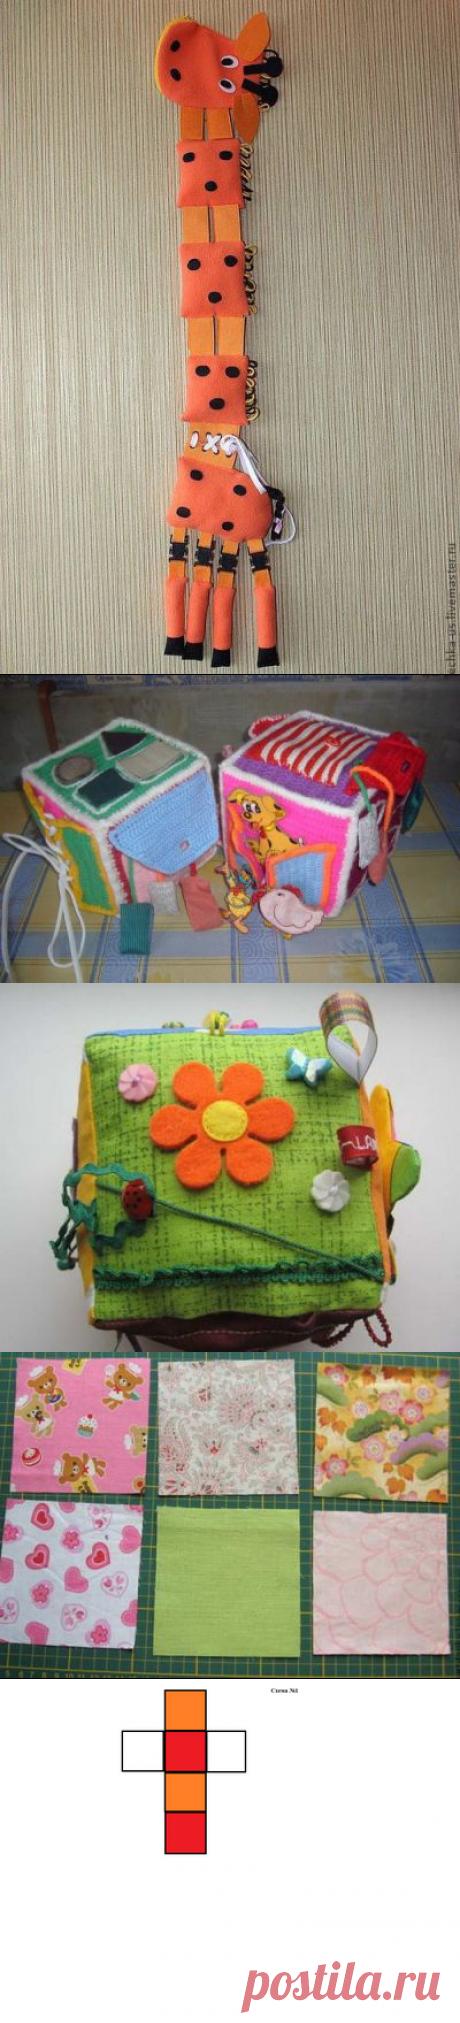 Развивающие игрушки для малышей своими руками — Делаем руками